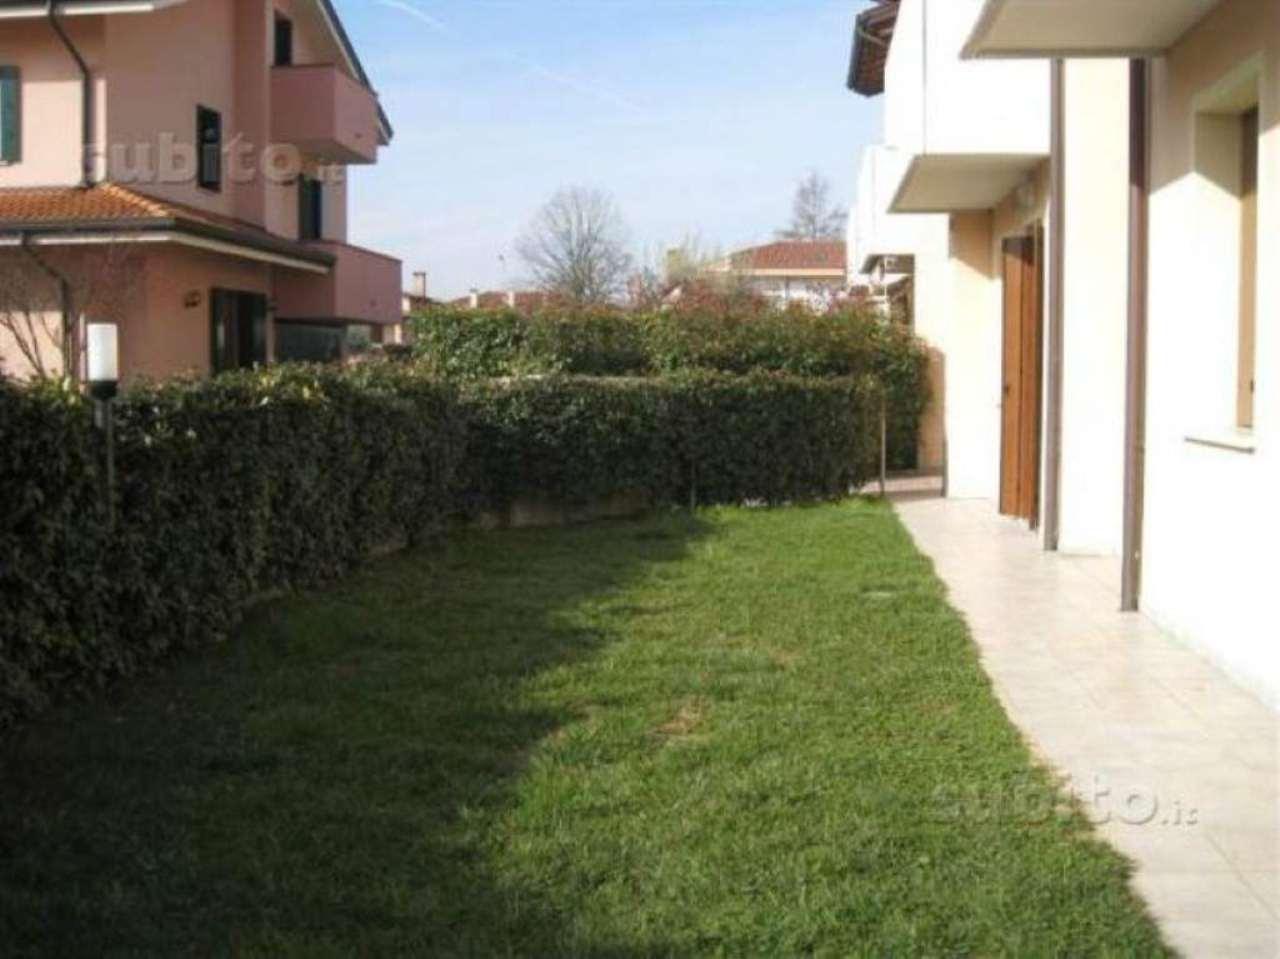 Appartamento in vendita a Resana, 3 locali, prezzo € 120.000 | Cambio Casa.it